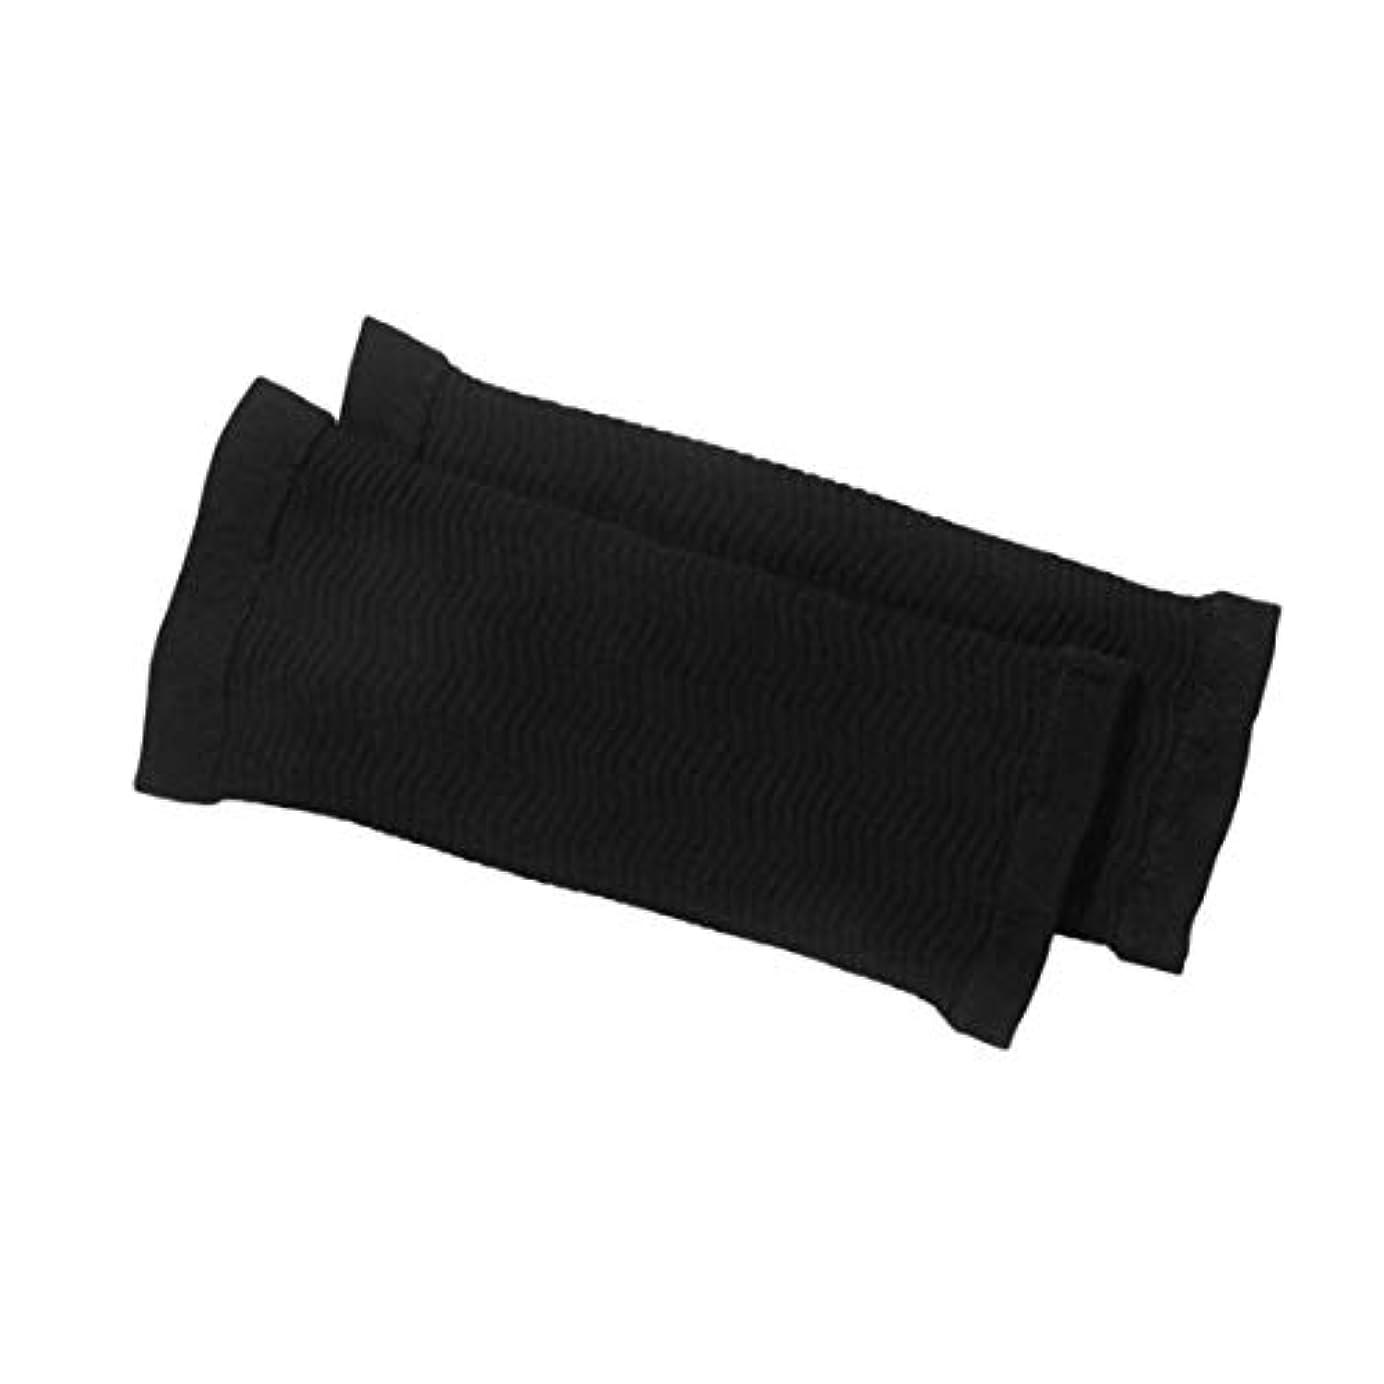 学校教育重荷ダンプ1ペア420 D圧縮痩身アームスリーブワークアウトトーニングバーンセルライトシェイパー脂肪燃焼袖用女性 - 黒